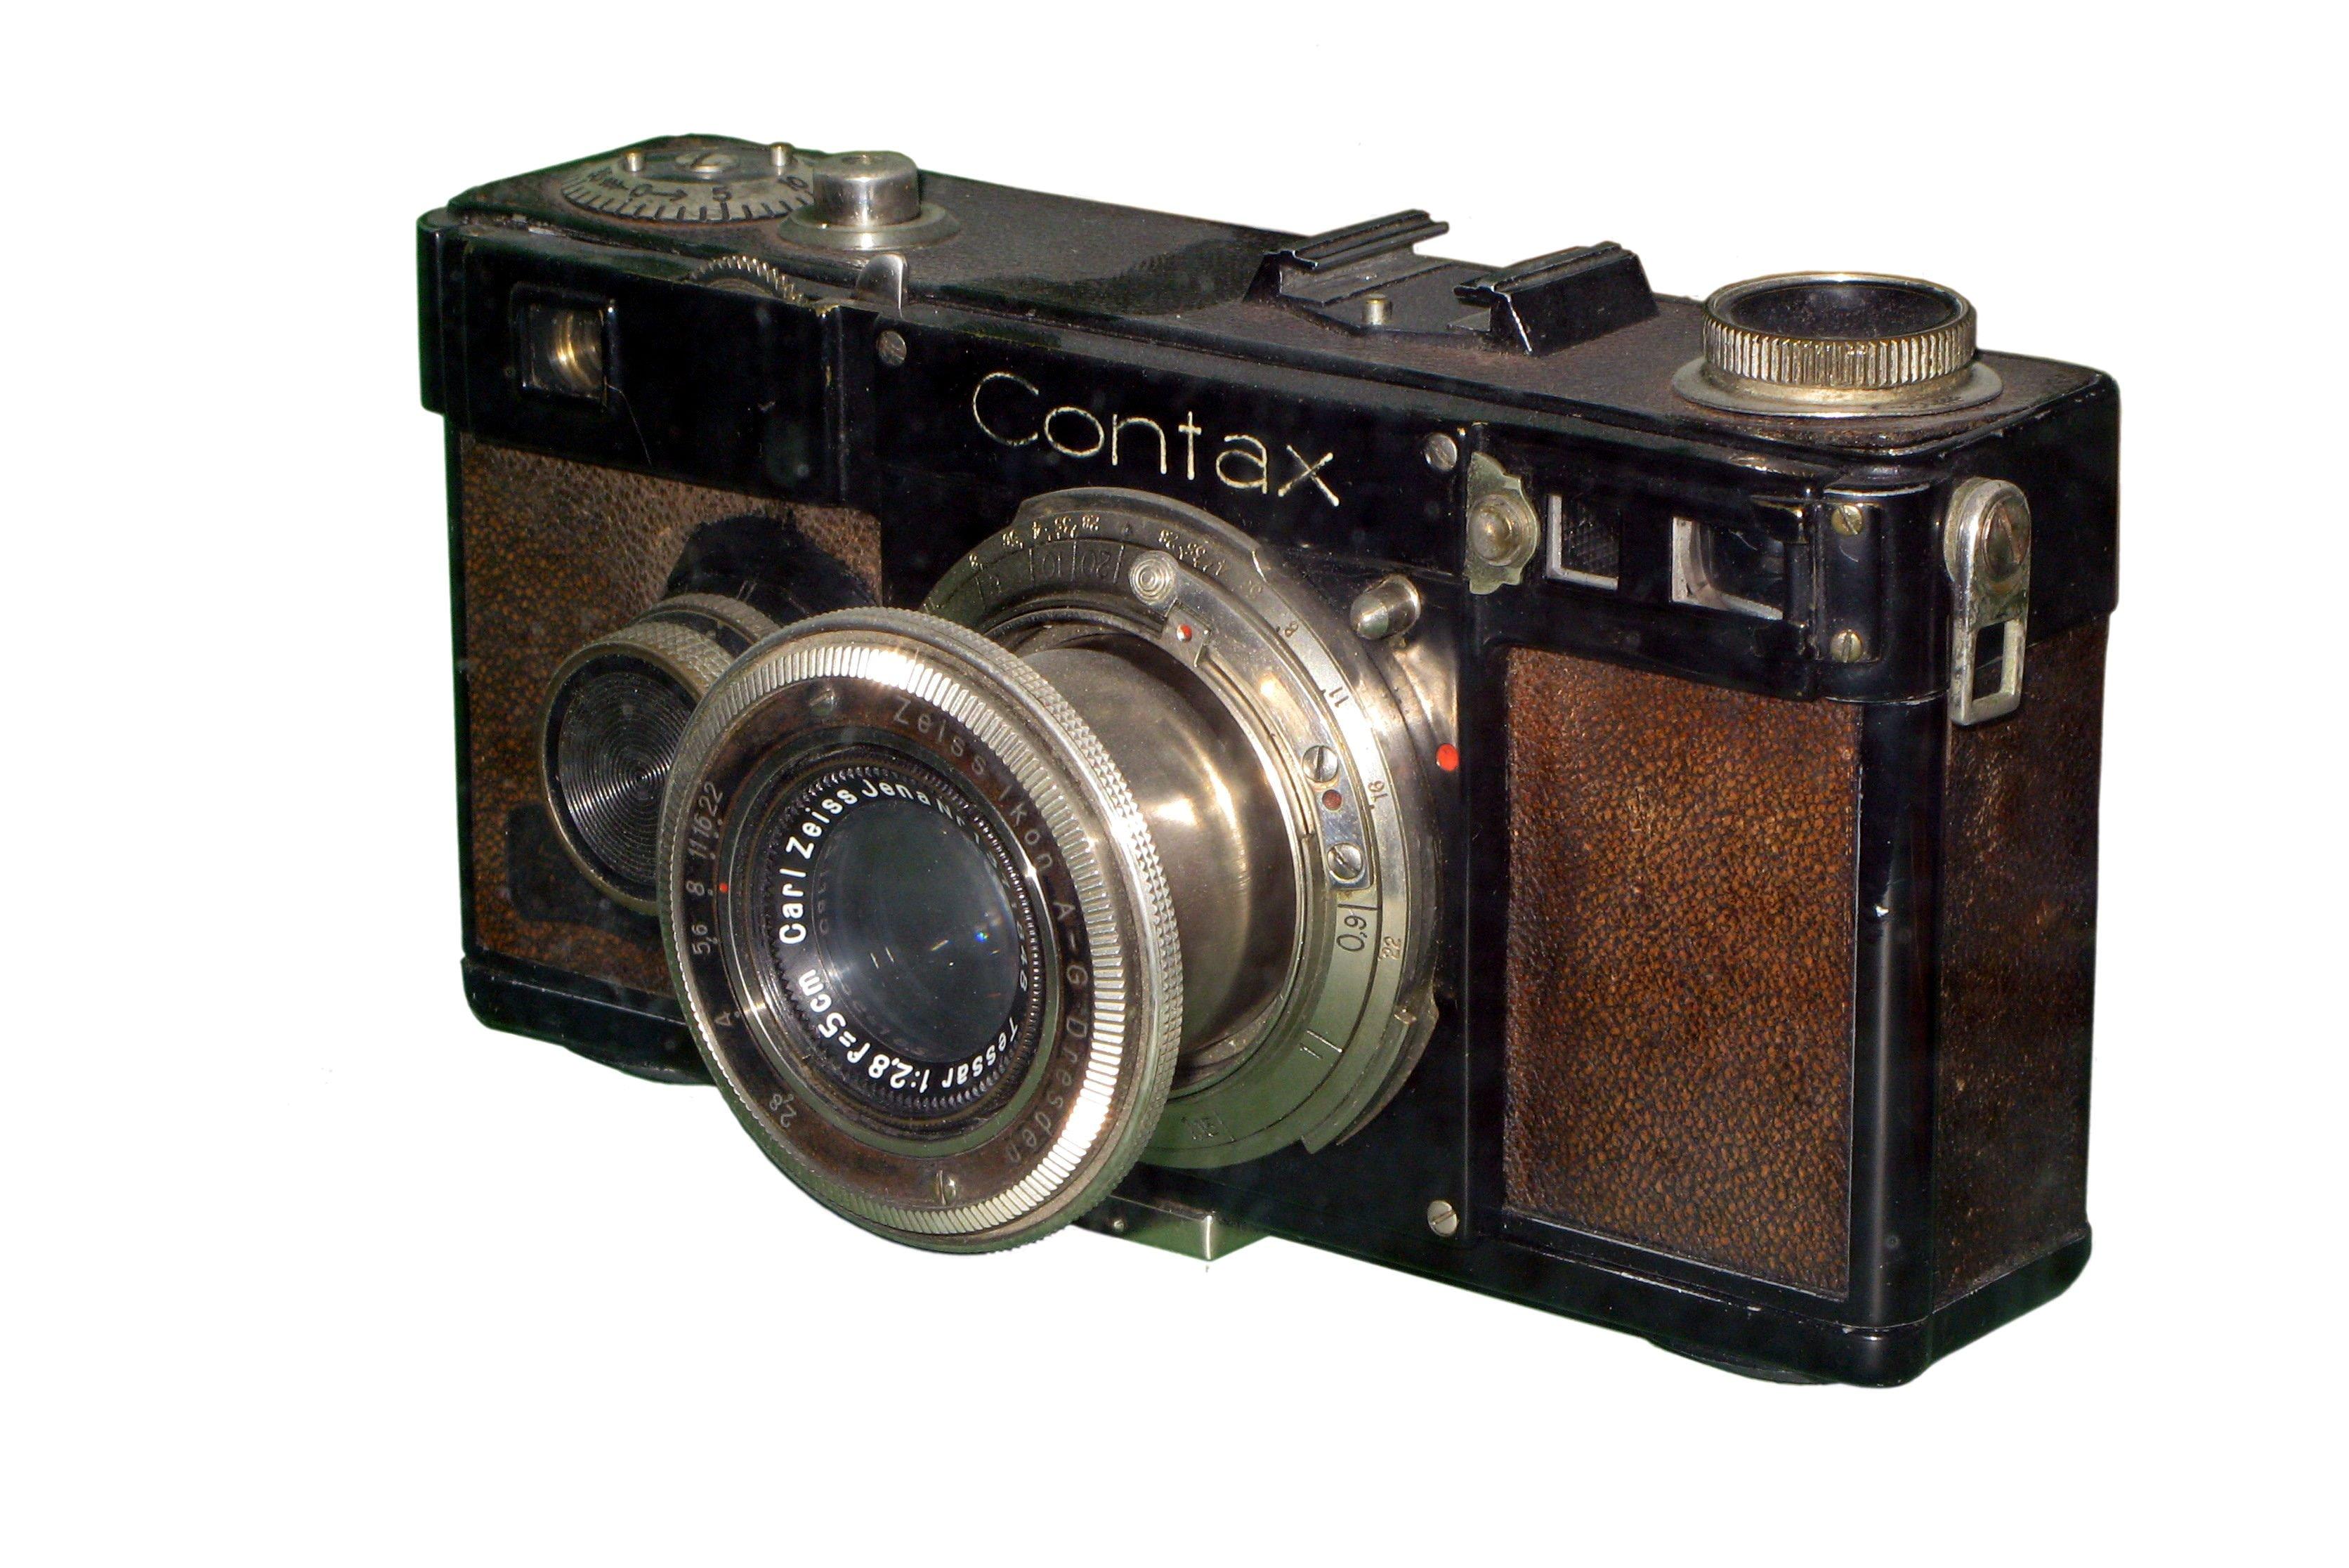 systemkamera 3000 kr